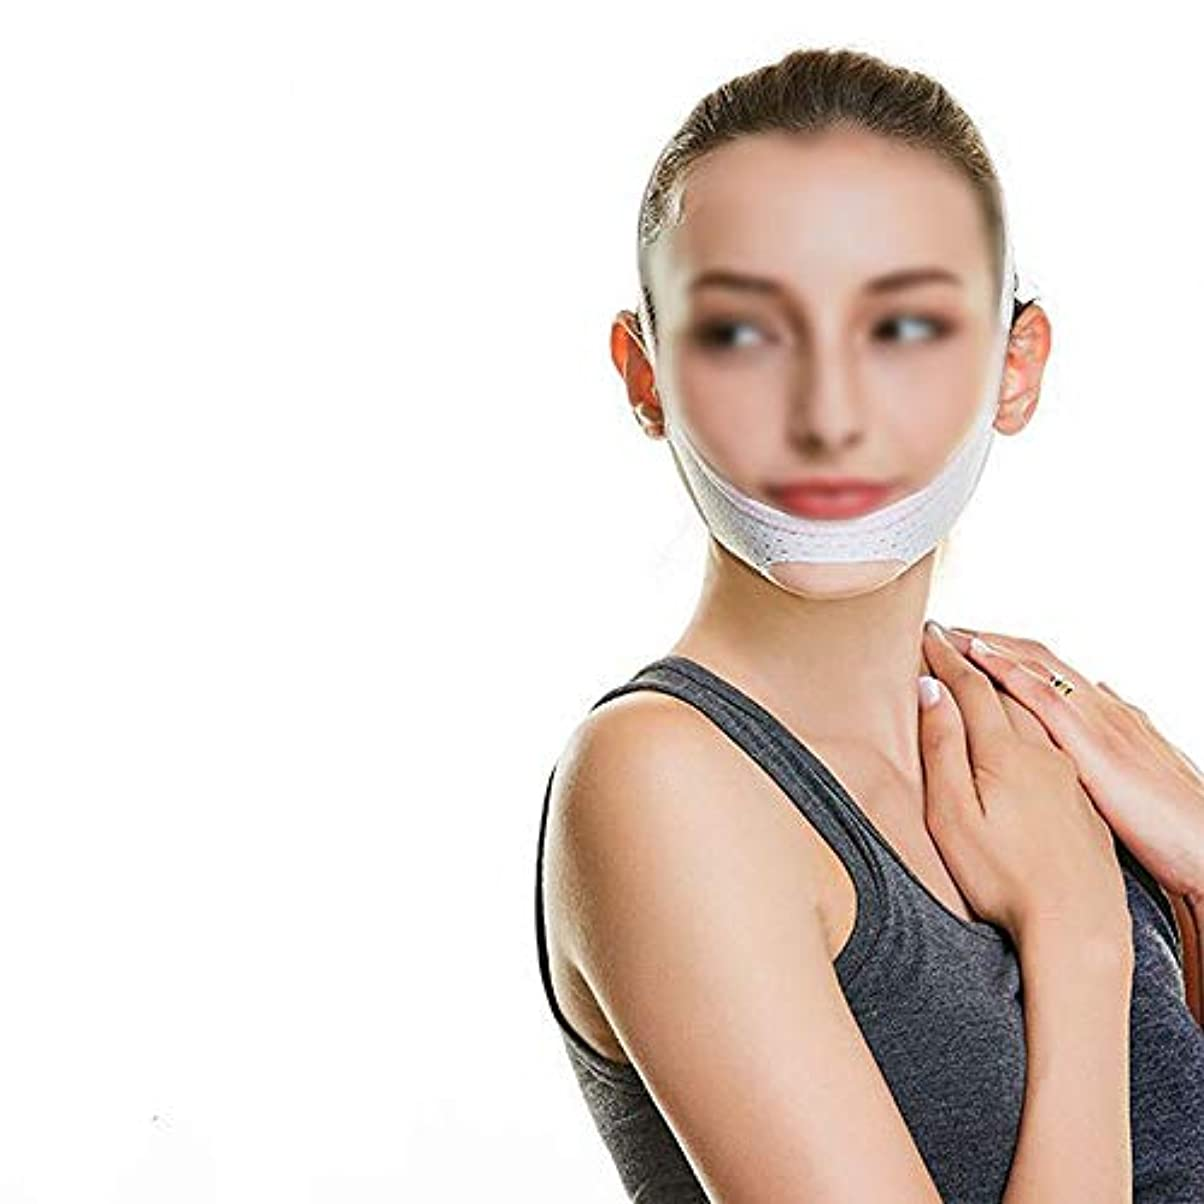 アレキサンダーグラハムベル提供誠意GLJJQMY フェイスリフティング包帯回復マスクあごVフェイスリフト引き締め睡眠薄い顔アーティファクト 顔用整形マスク